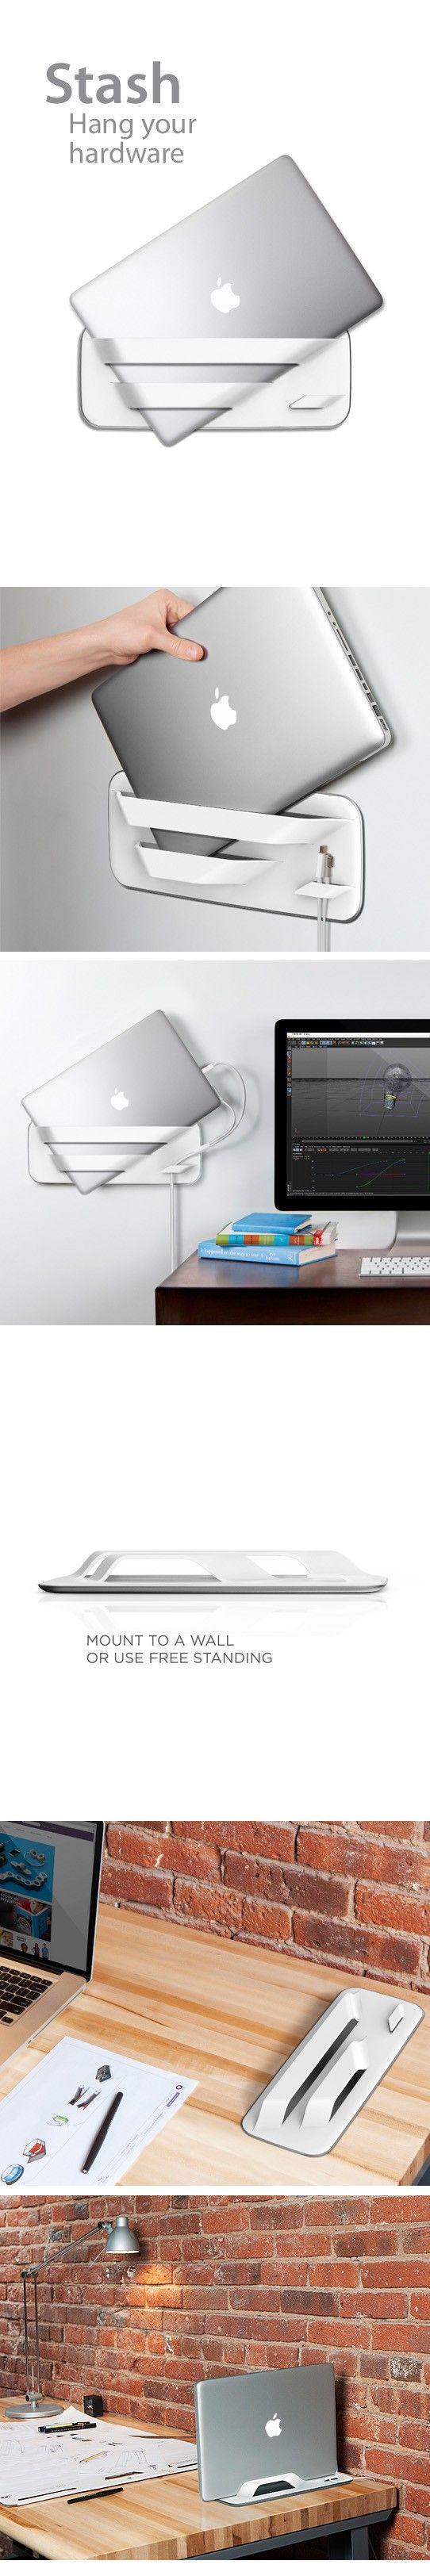 Stash: Hang your hardware // Stylish MacBook Pro Wall Mount